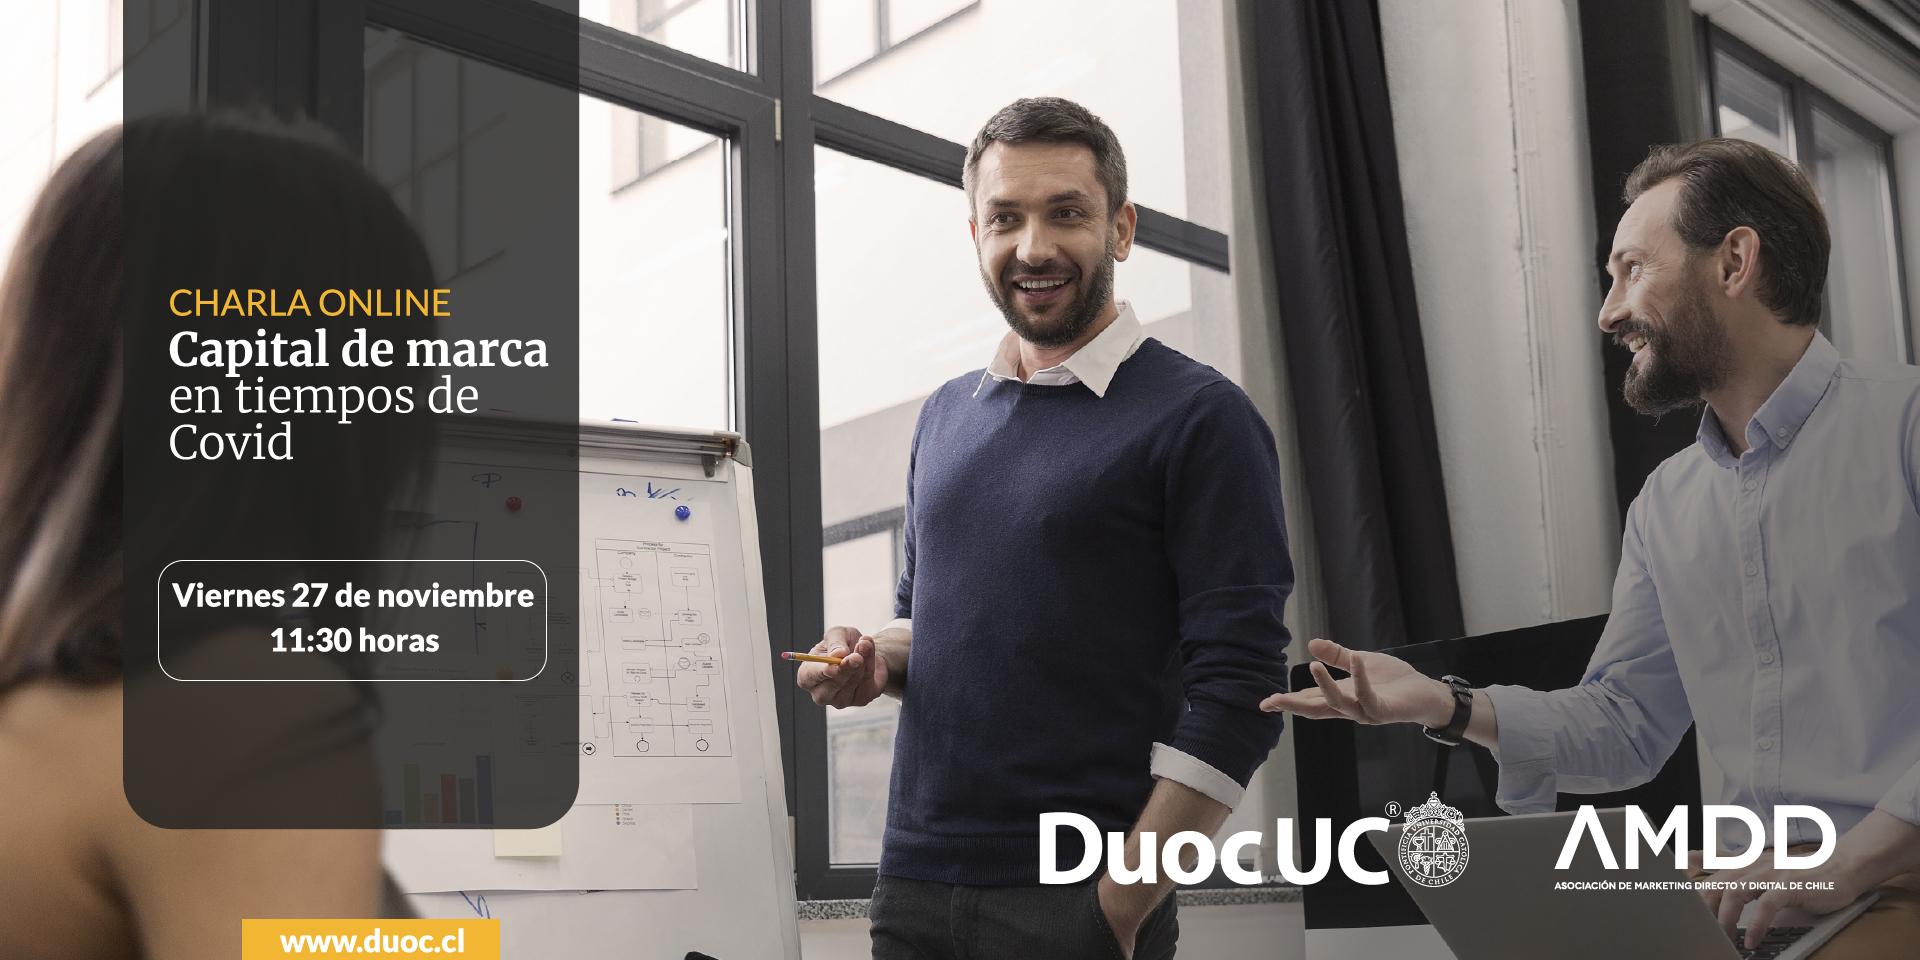 Charla Duoc UC: Capital de marca en tiempos de Covid-19